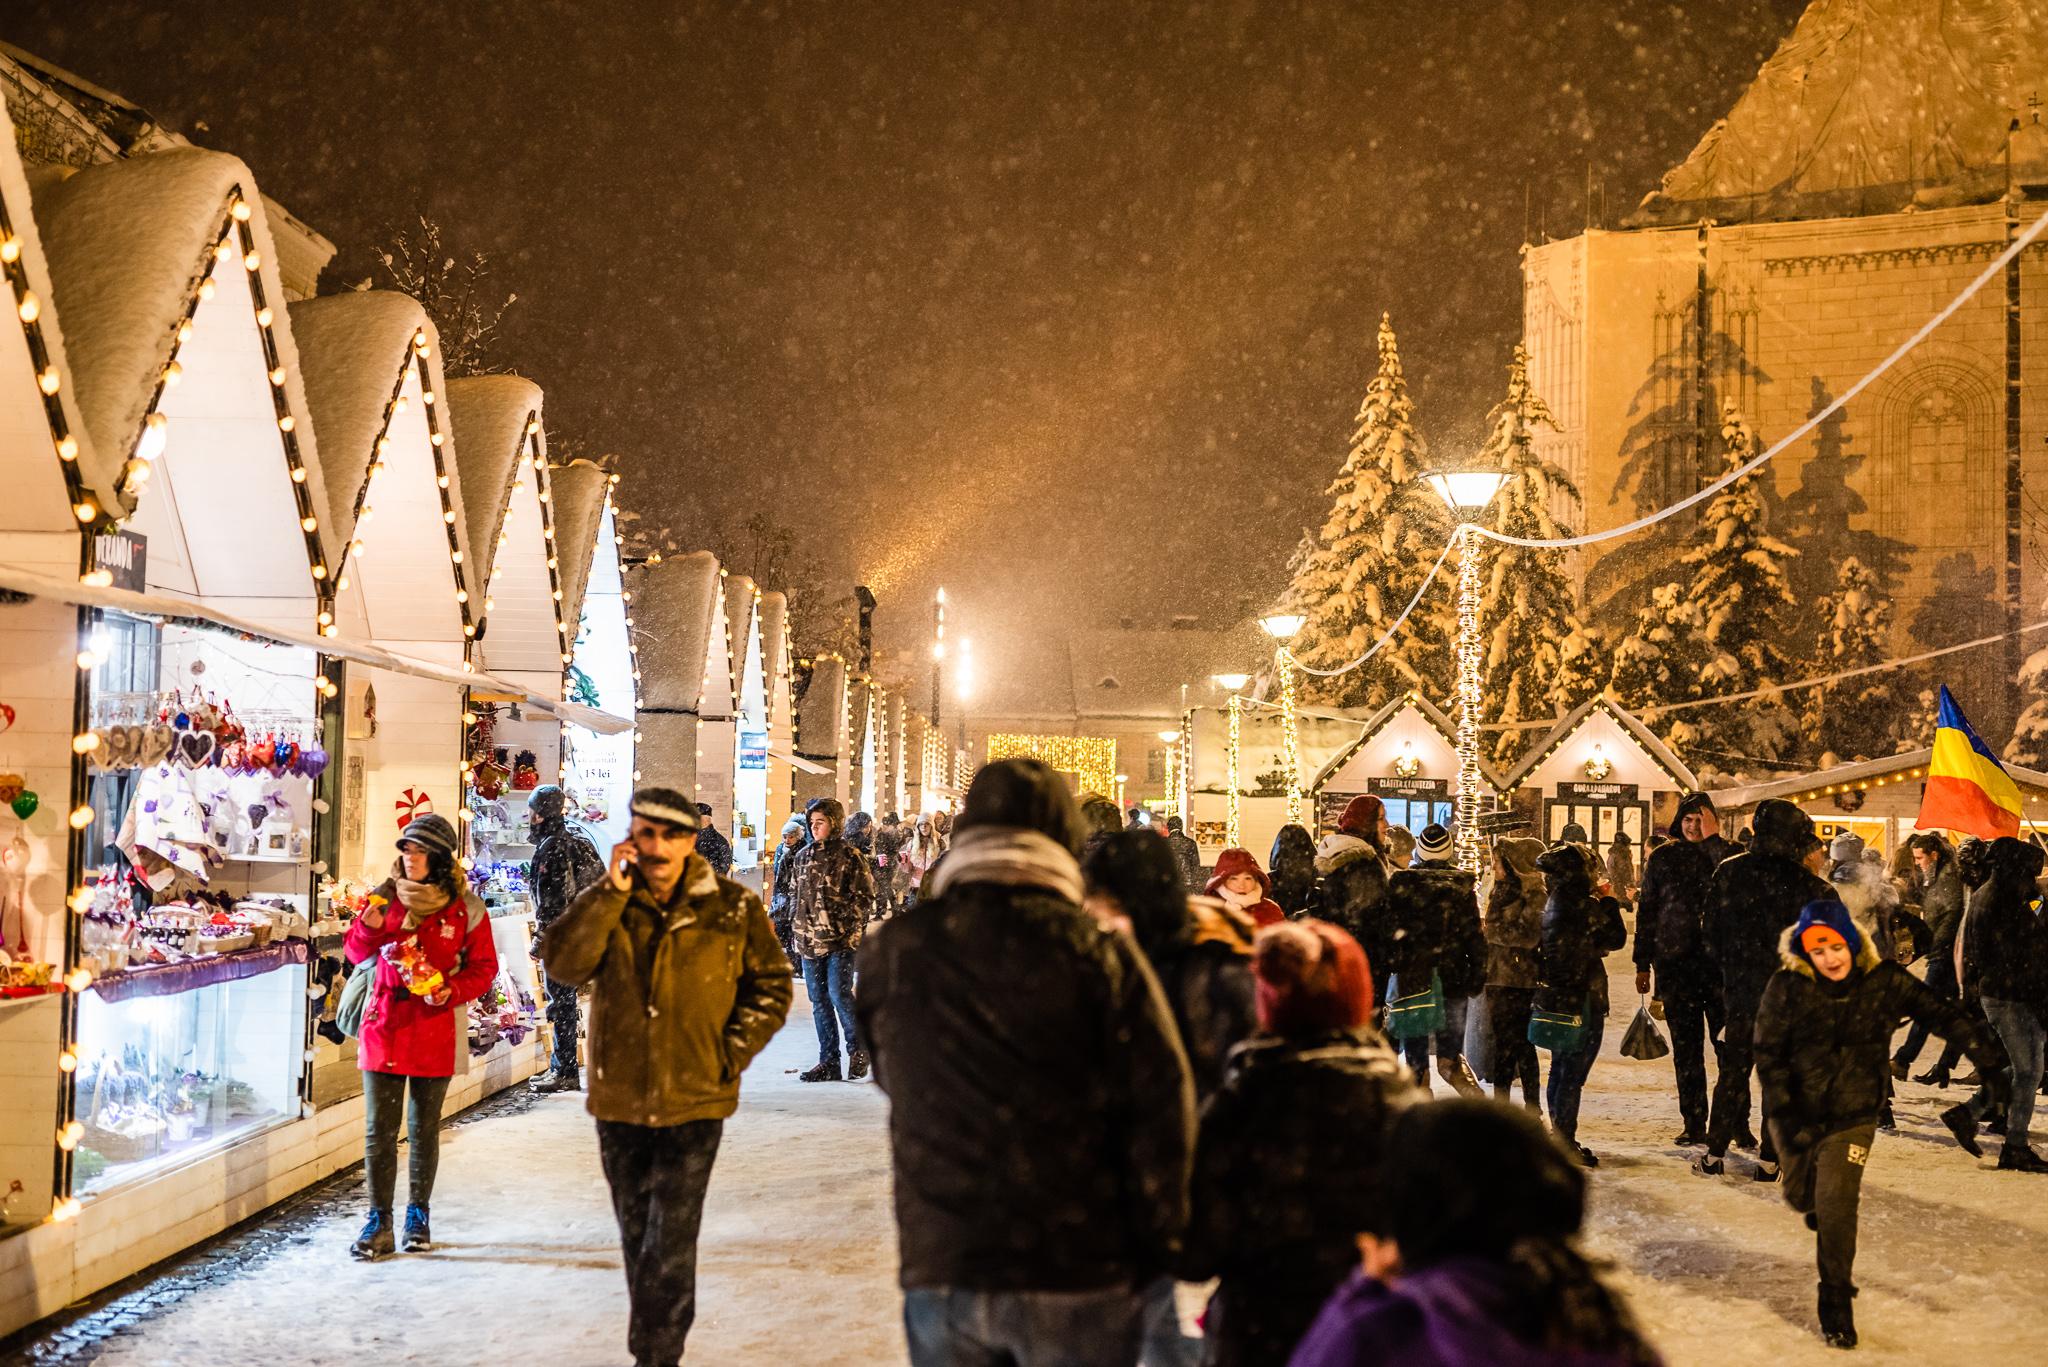 La Târgul de Crăciun din Cluj-Napoca începe Săptămâna Jocurilor şi a Filmelor! VEZI PROGRAMUL